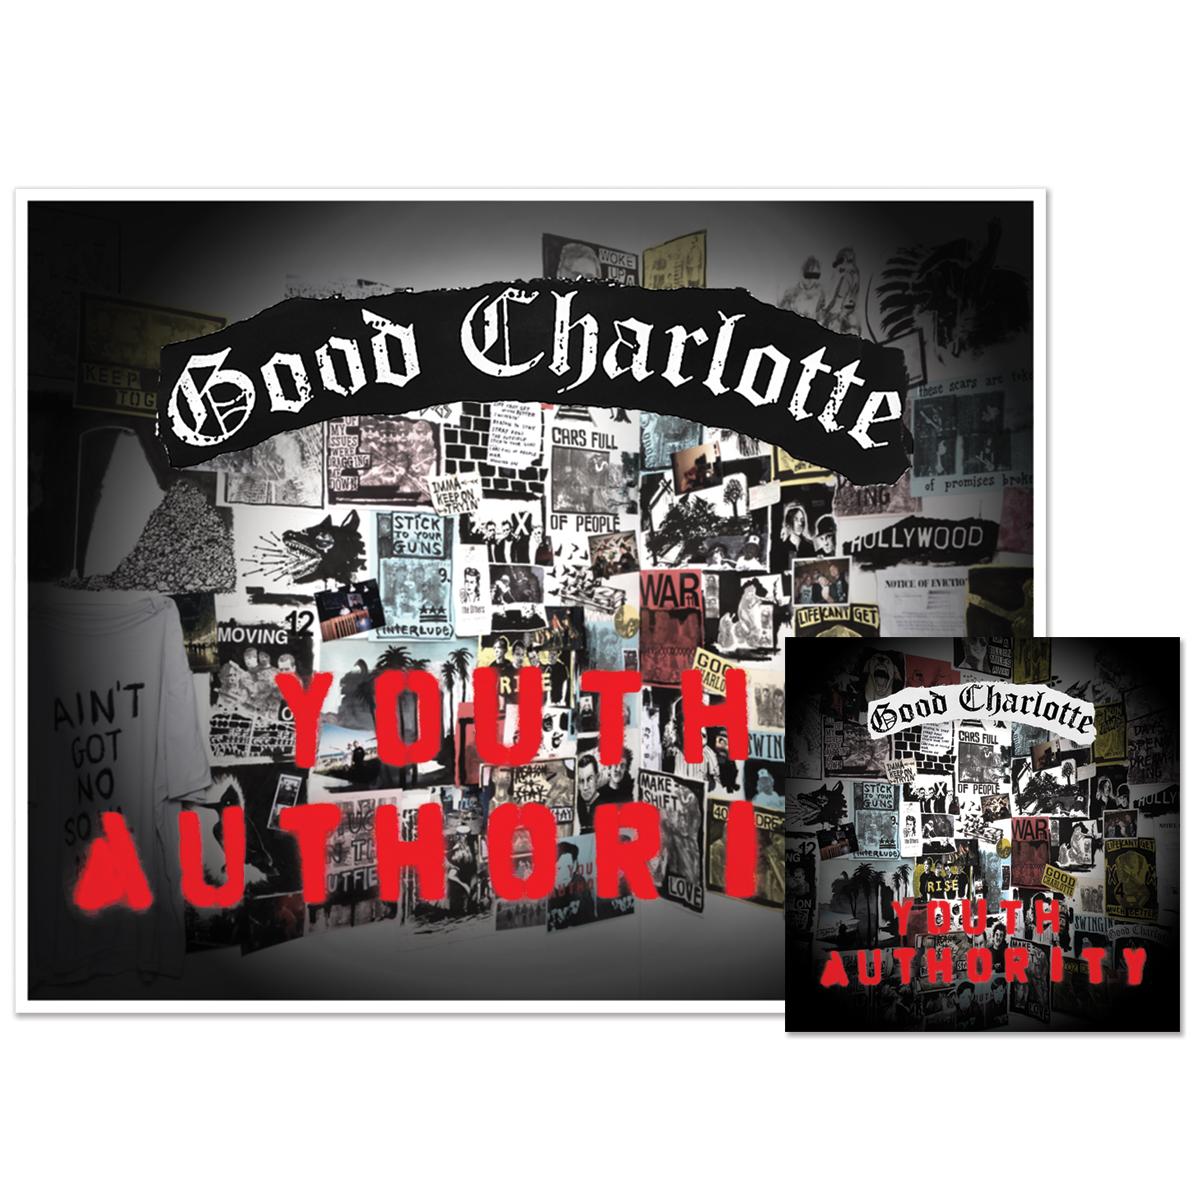 Youth Authority CD + Signed Litho